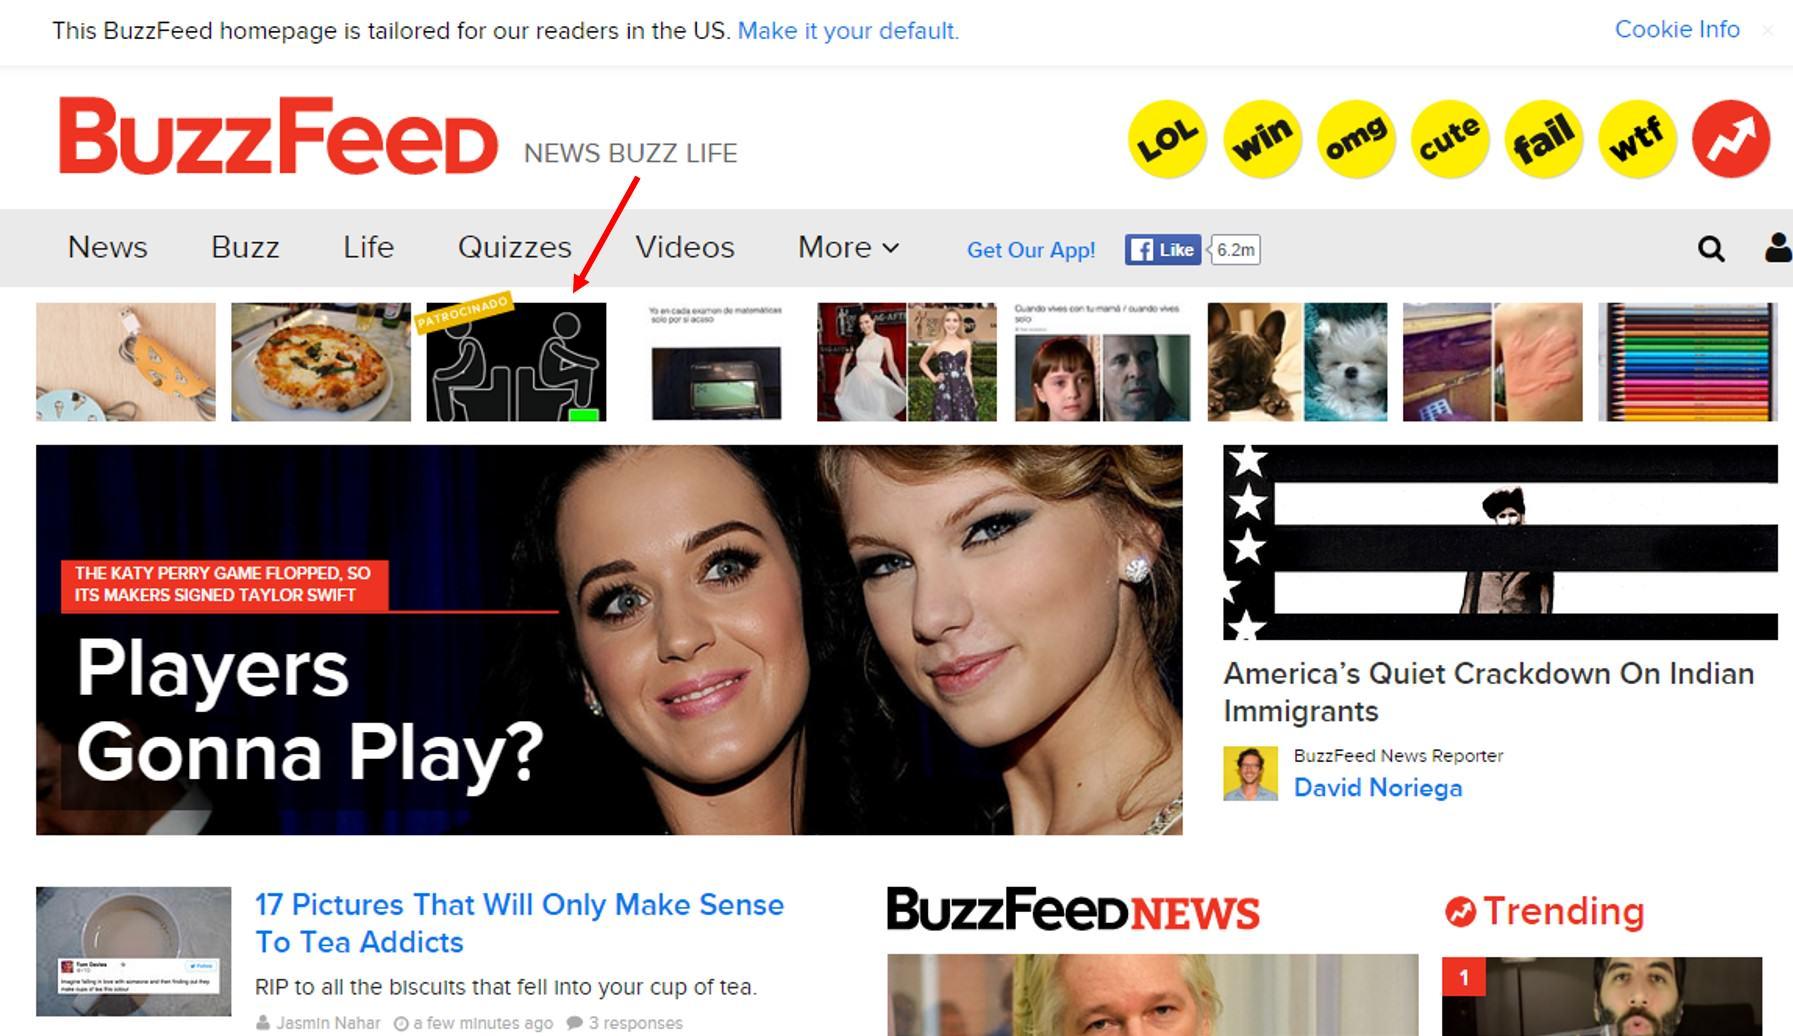 Publicidad nativa en Buzzfeed.com